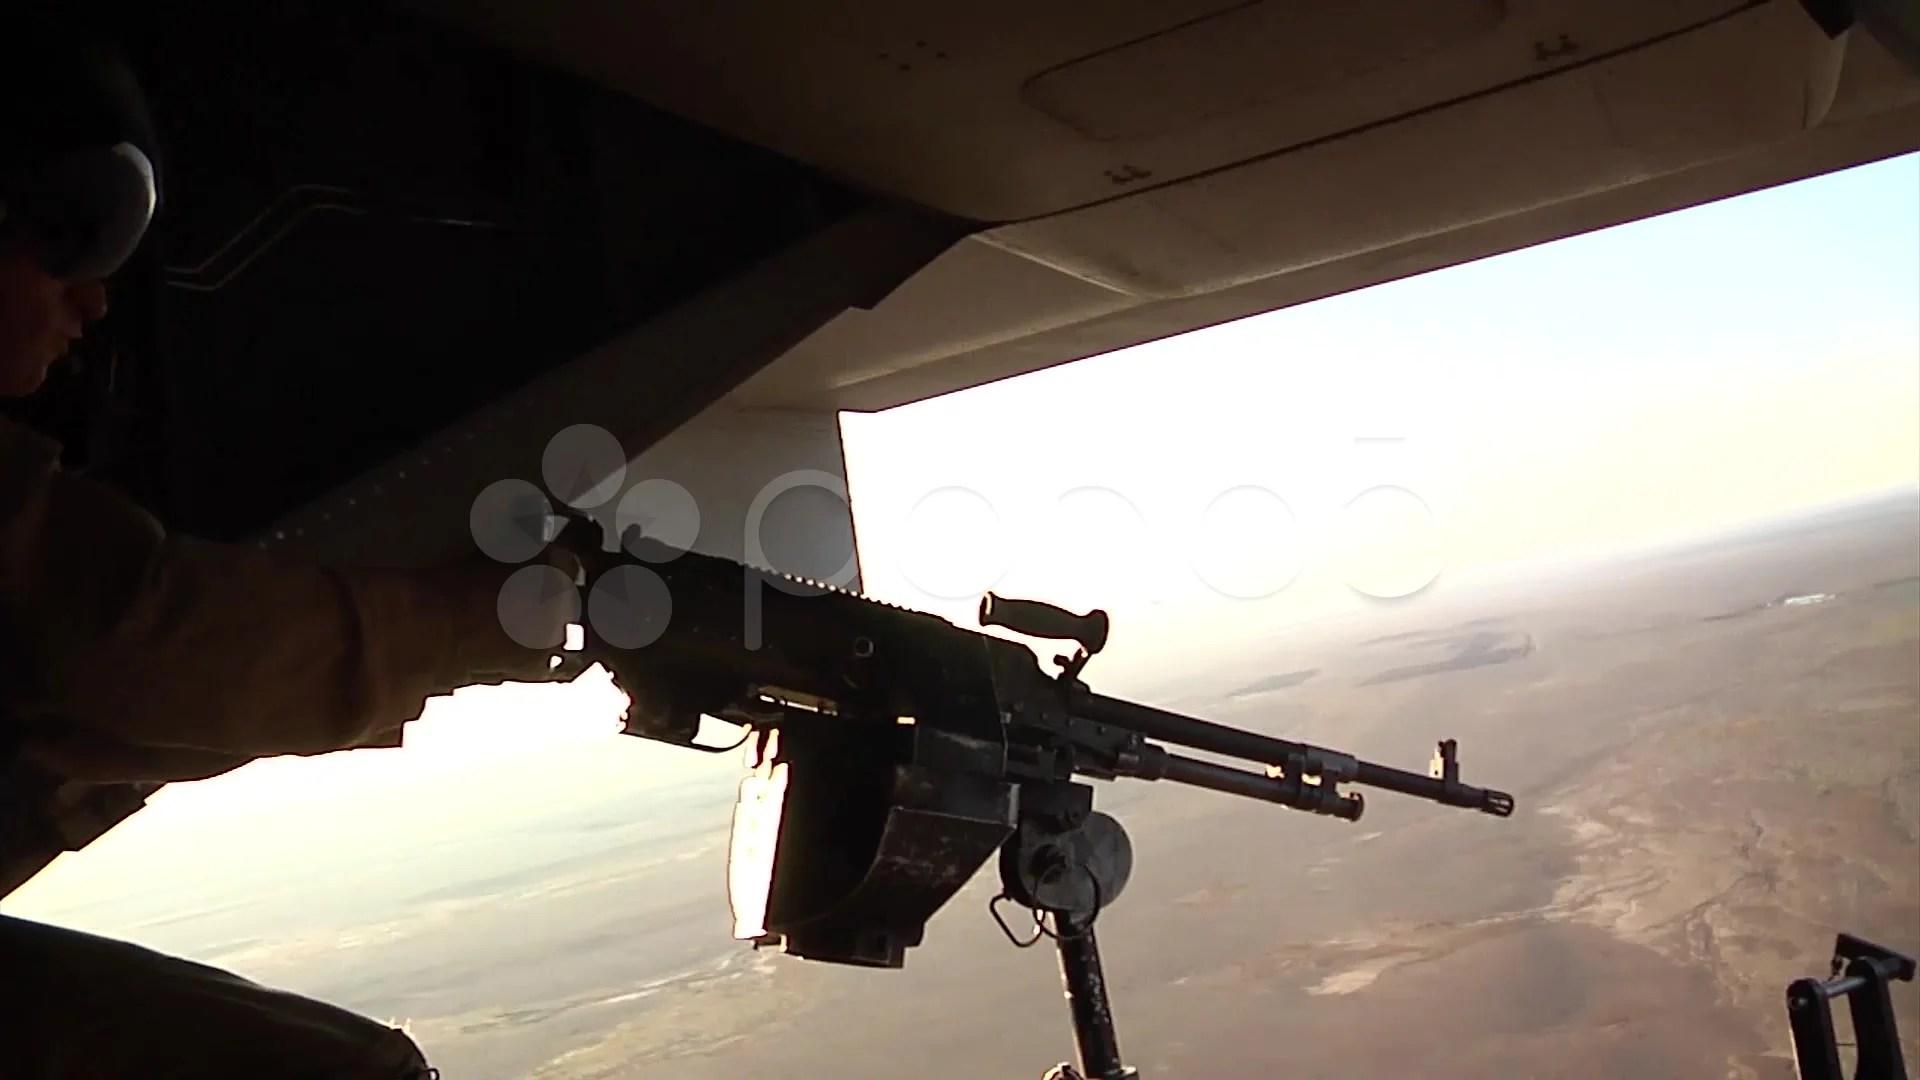 V - 22 Osprey